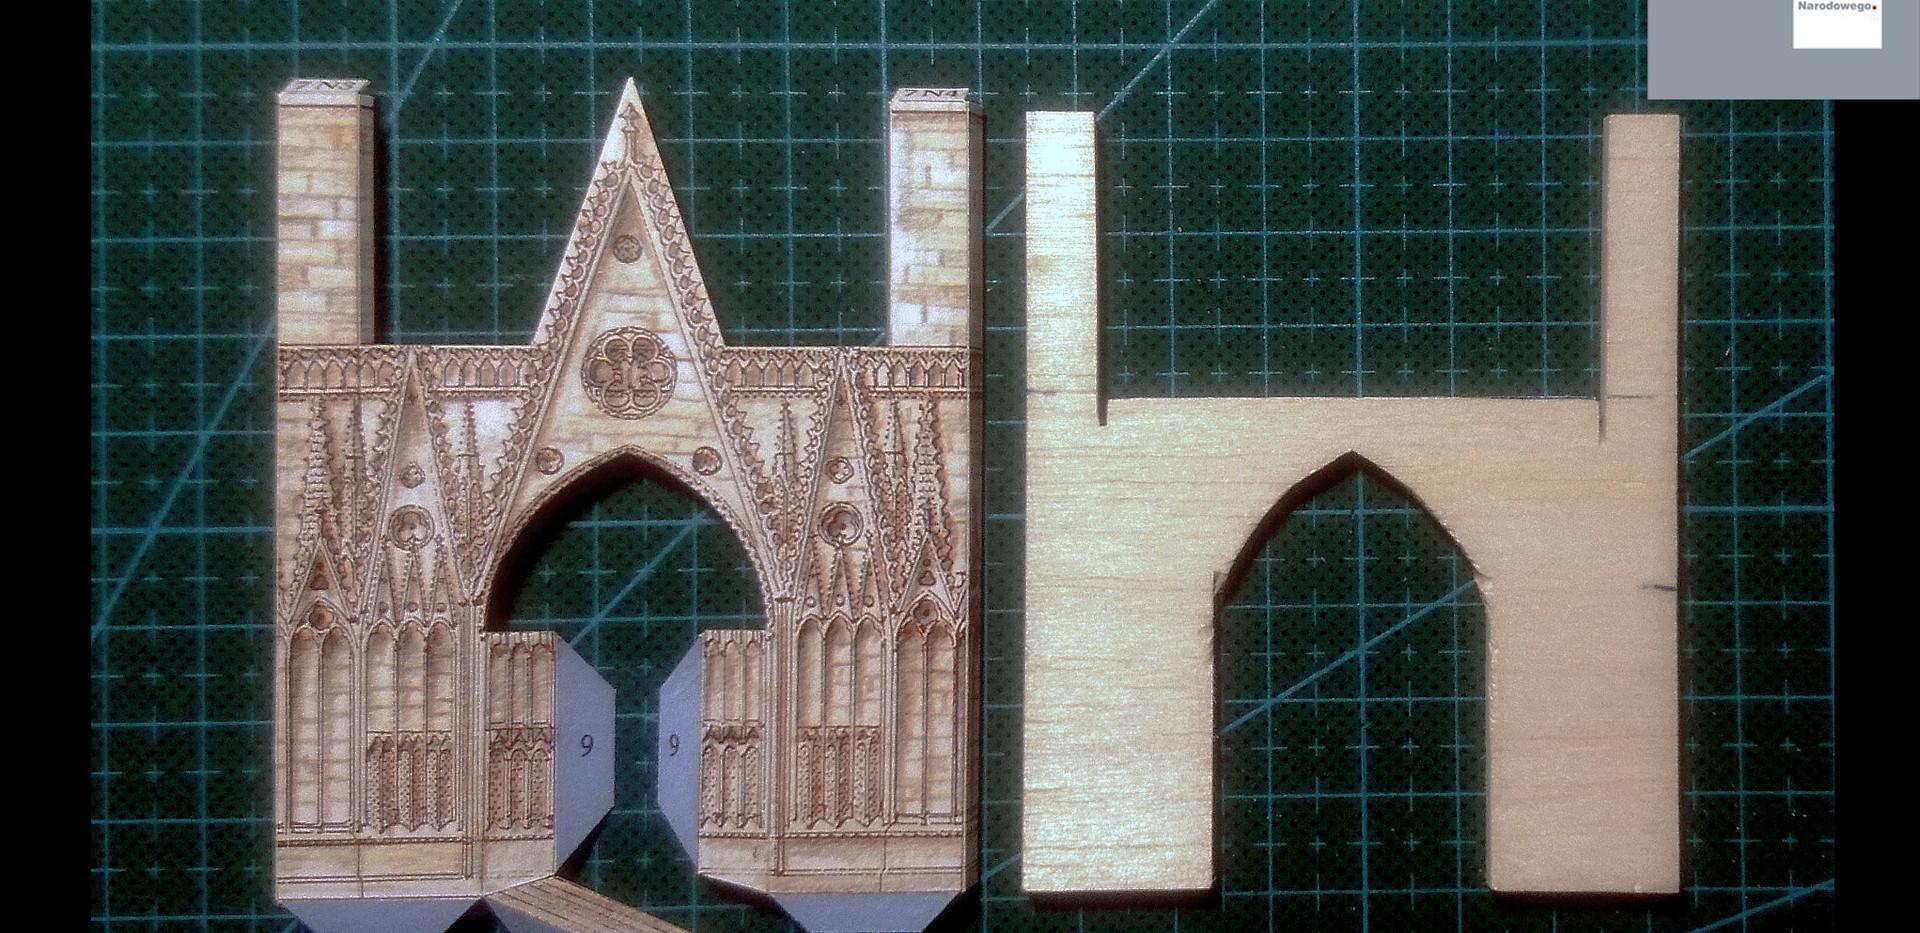 Jeden z portali transeptu